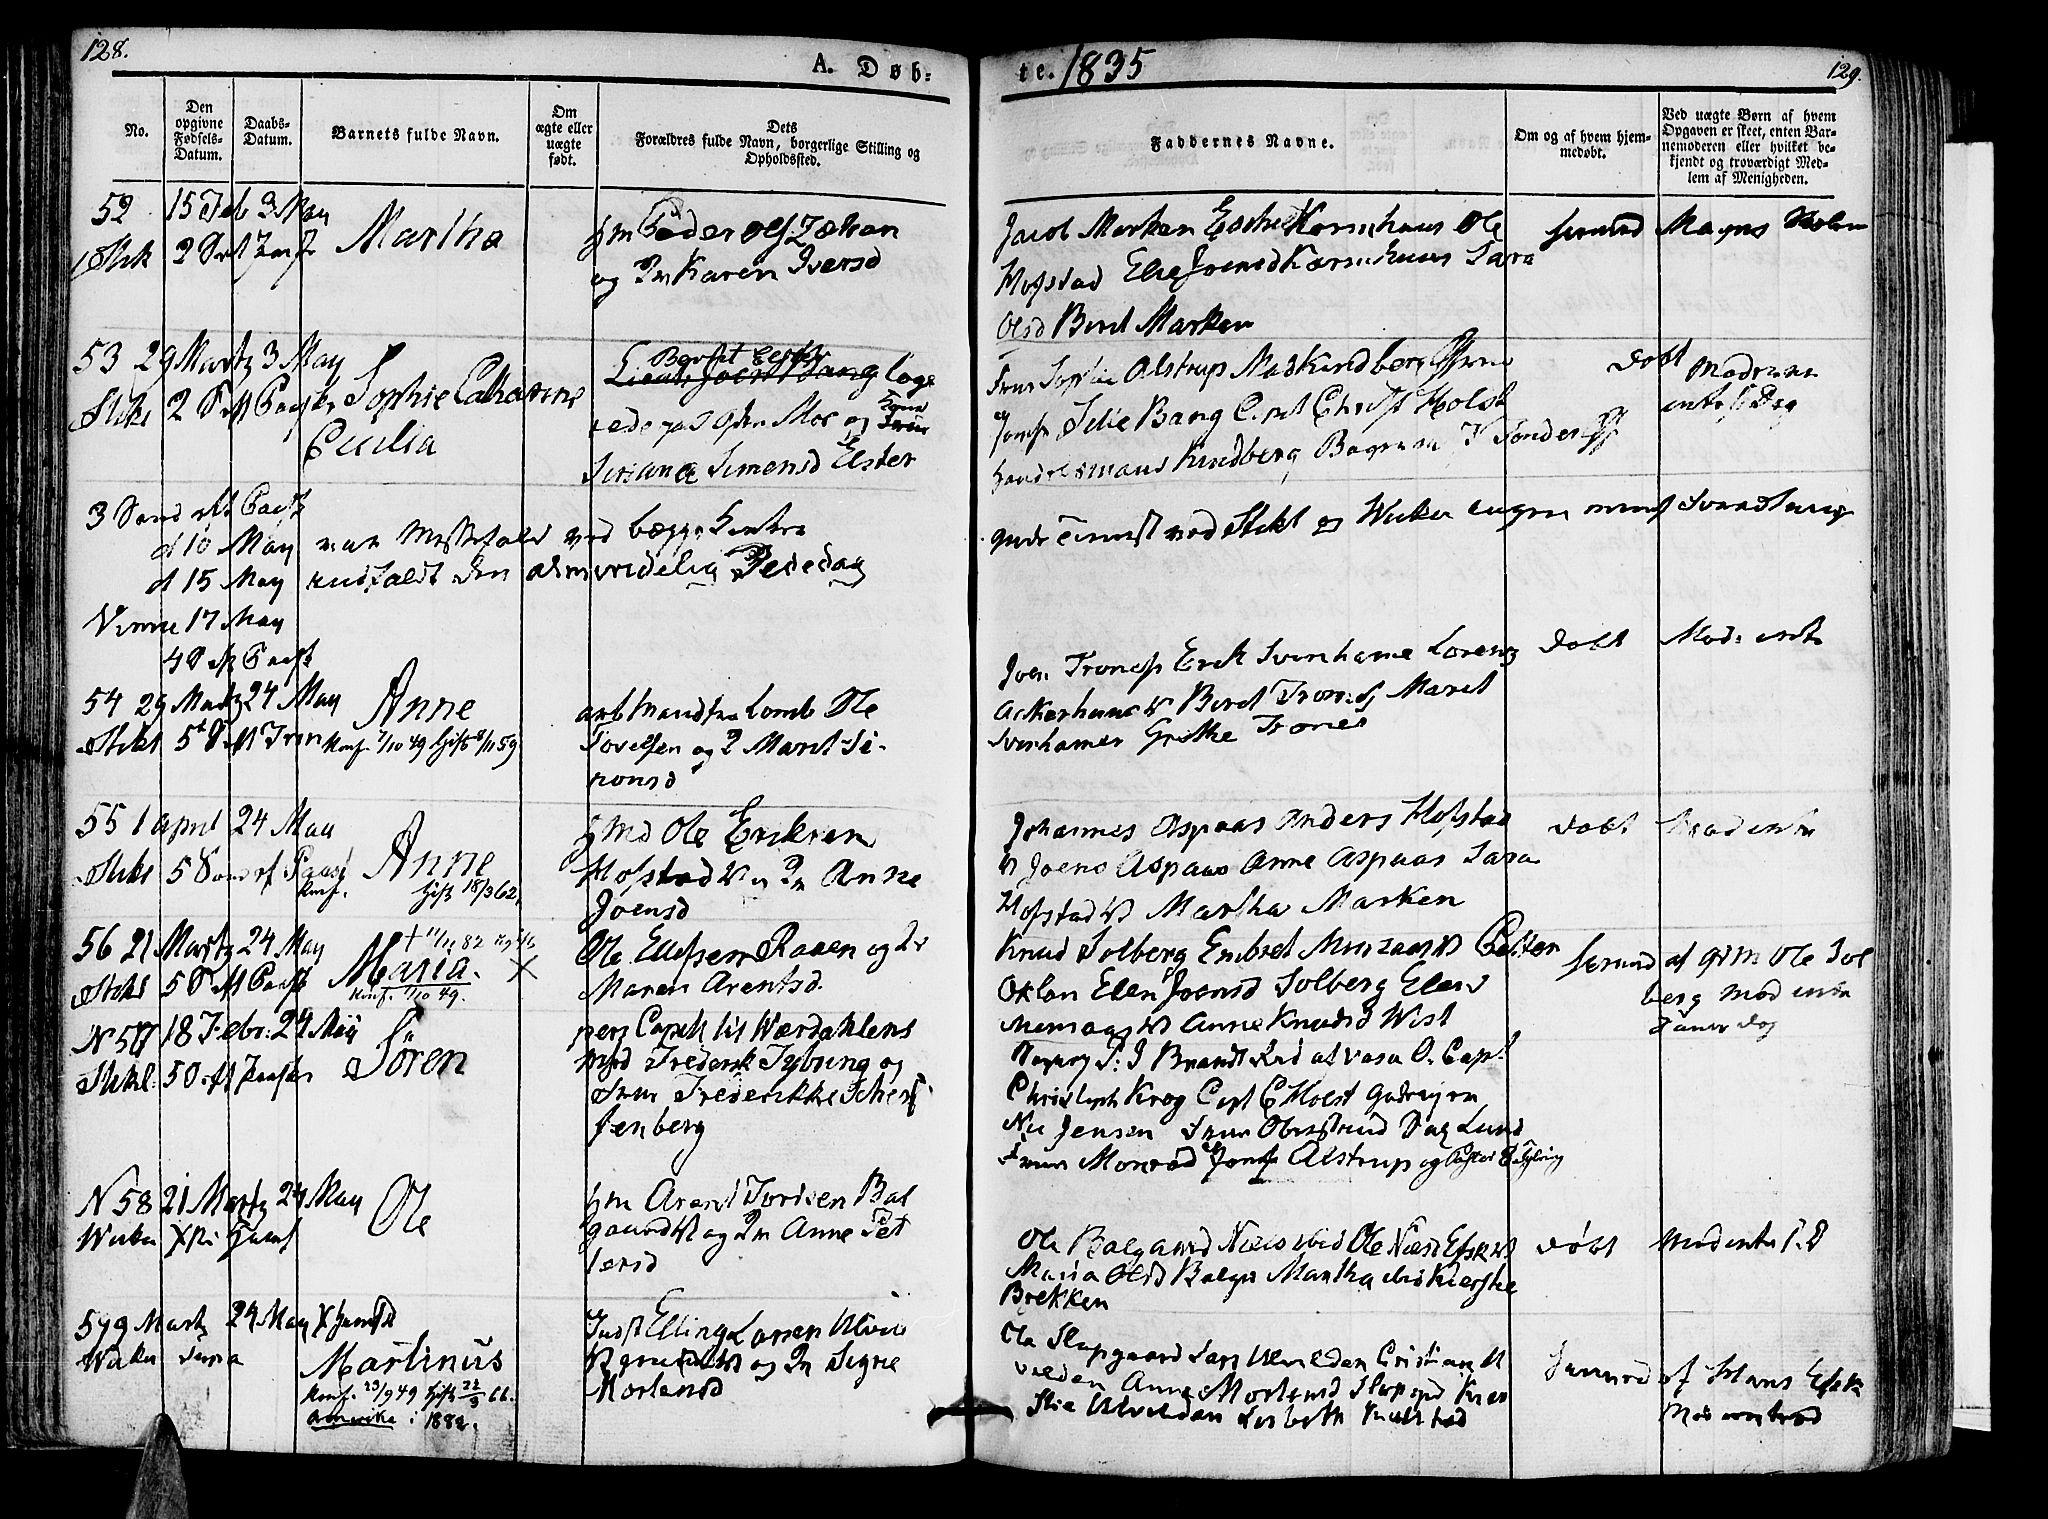 SAT, Ministerialprotokoller, klokkerbøker og fødselsregistre - Nord-Trøndelag, 723/L0238: Ministerialbok nr. 723A07, 1831-1840, s. 128-129